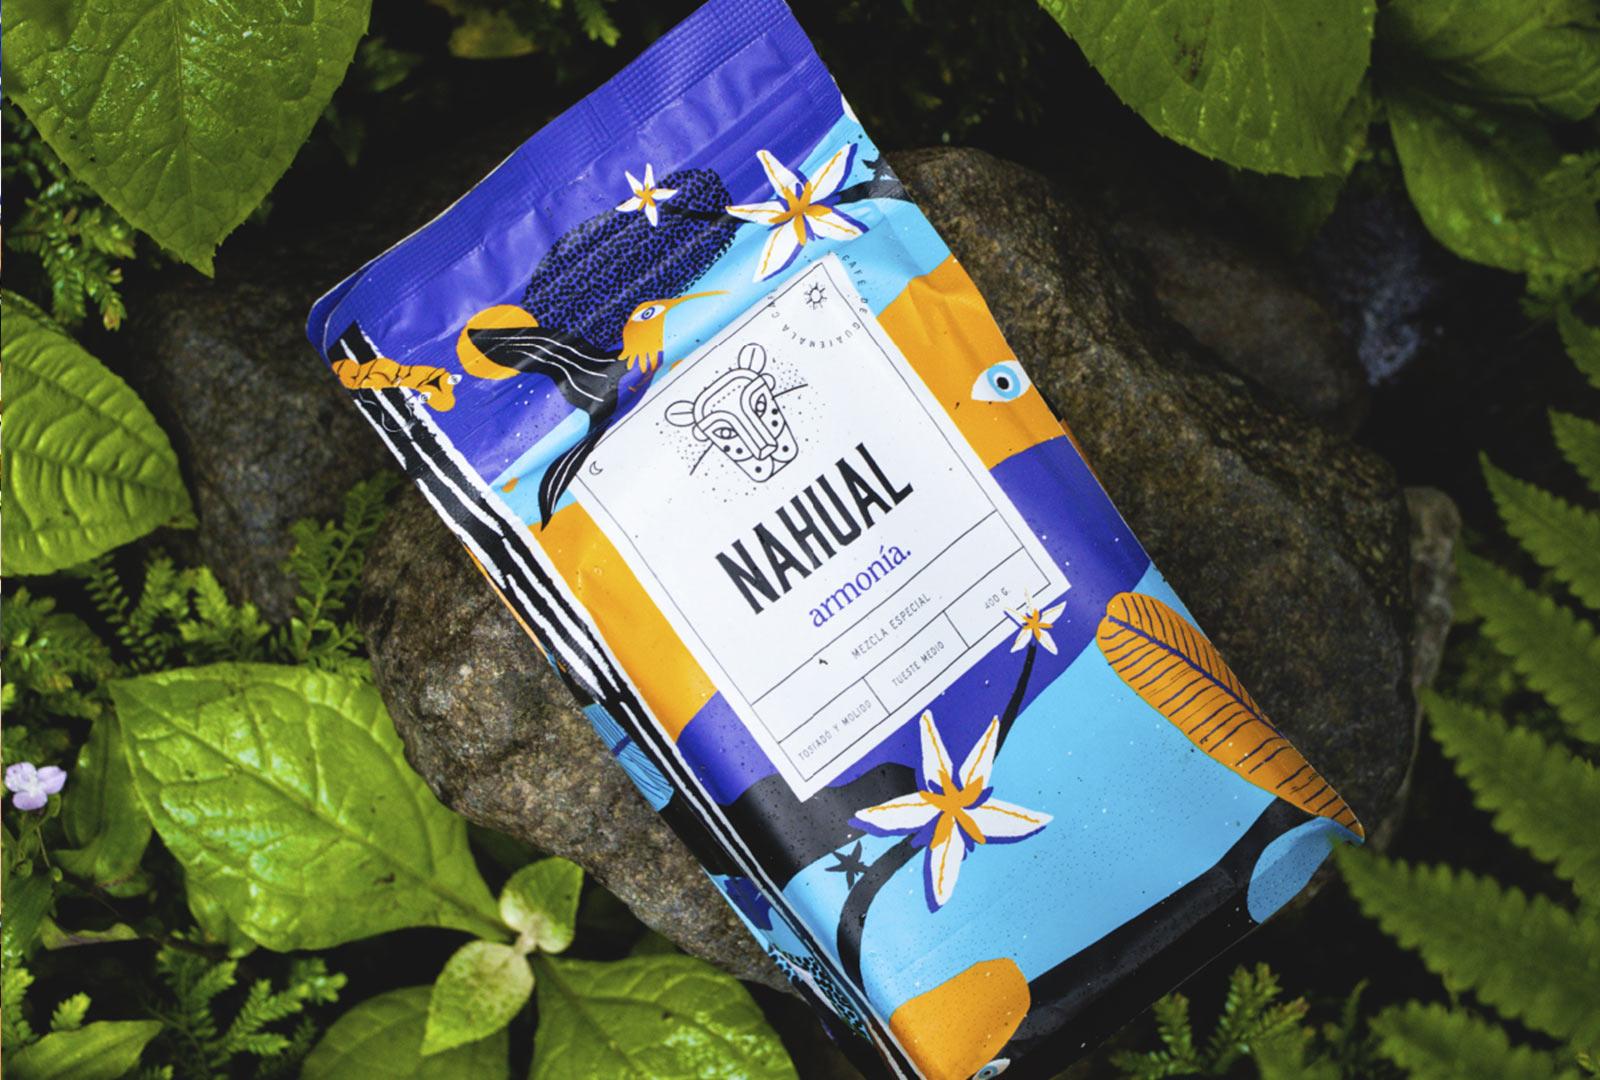 Café Nahual imagen